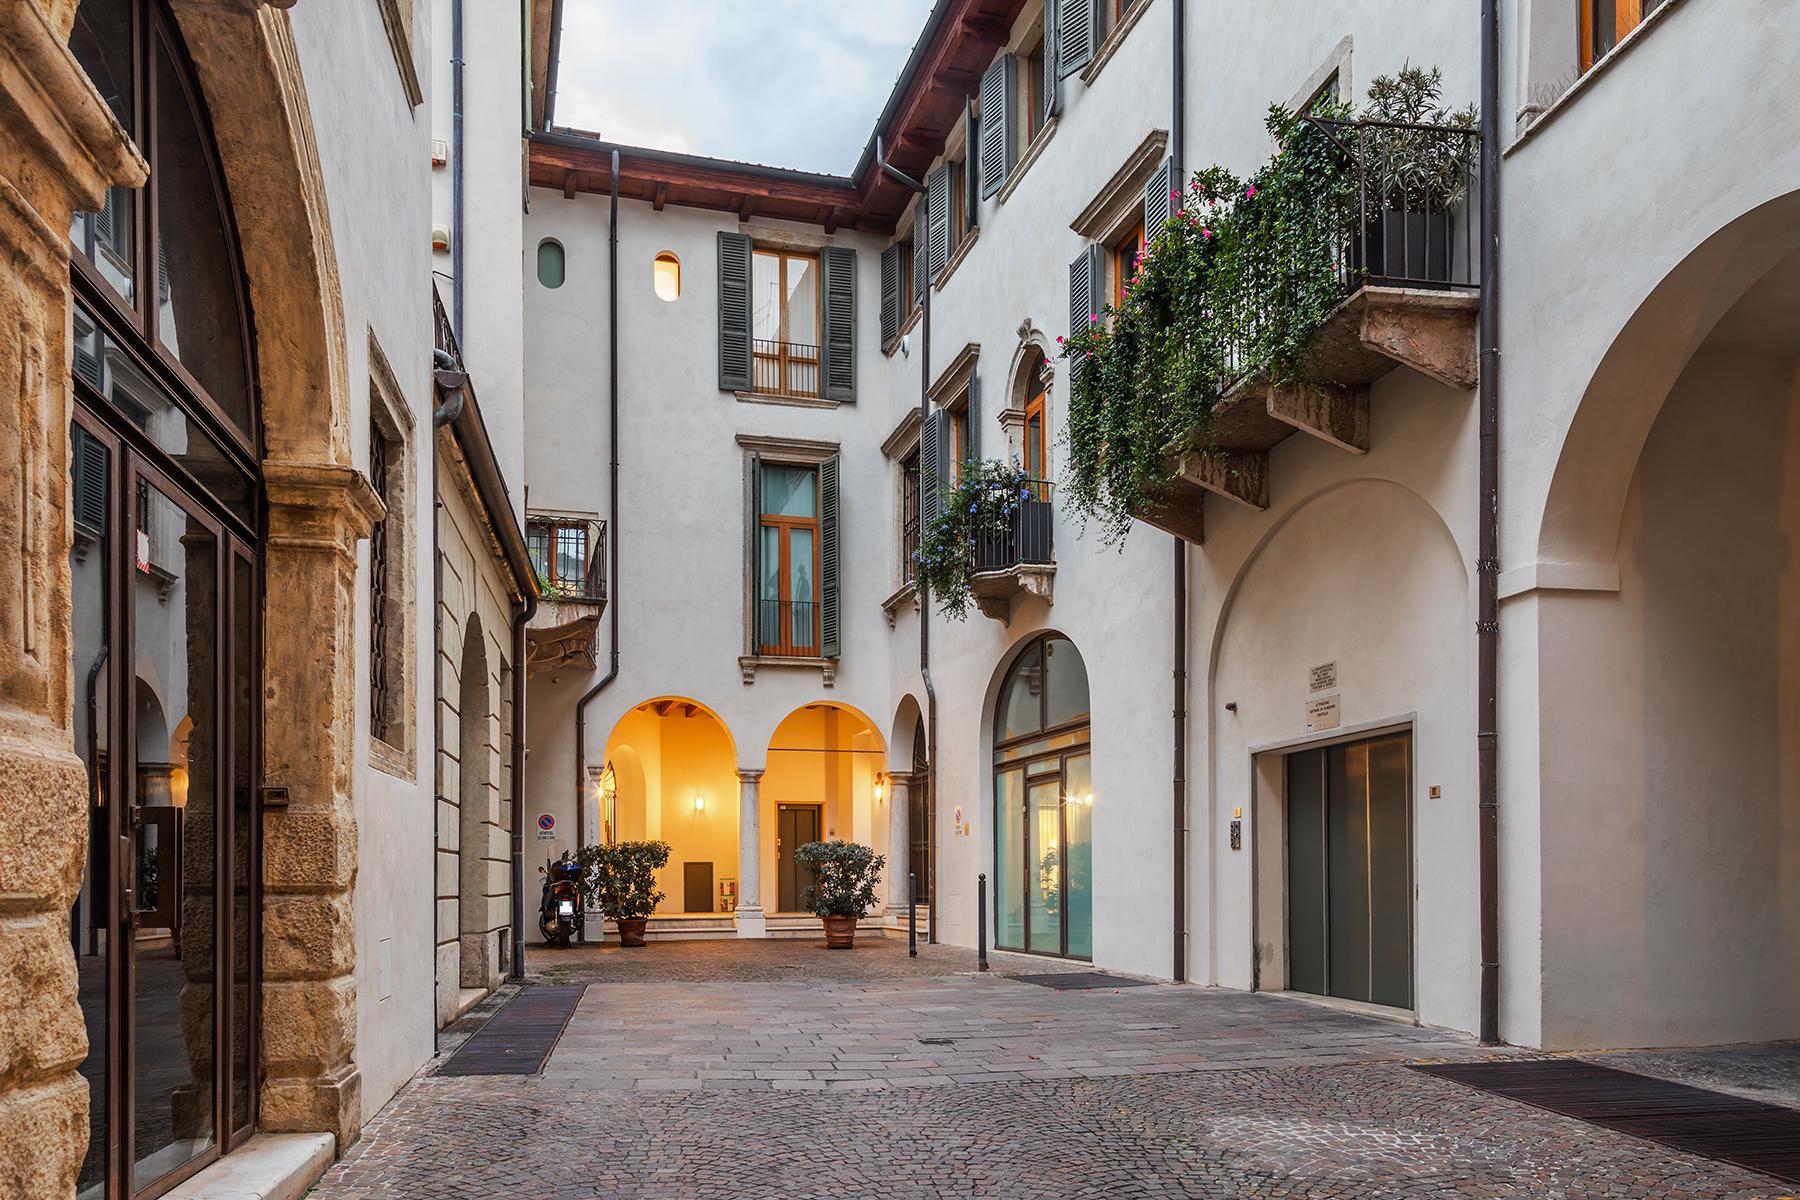 Attico in Vendita a Verona: 5 locali, 280 mq - Foto 18